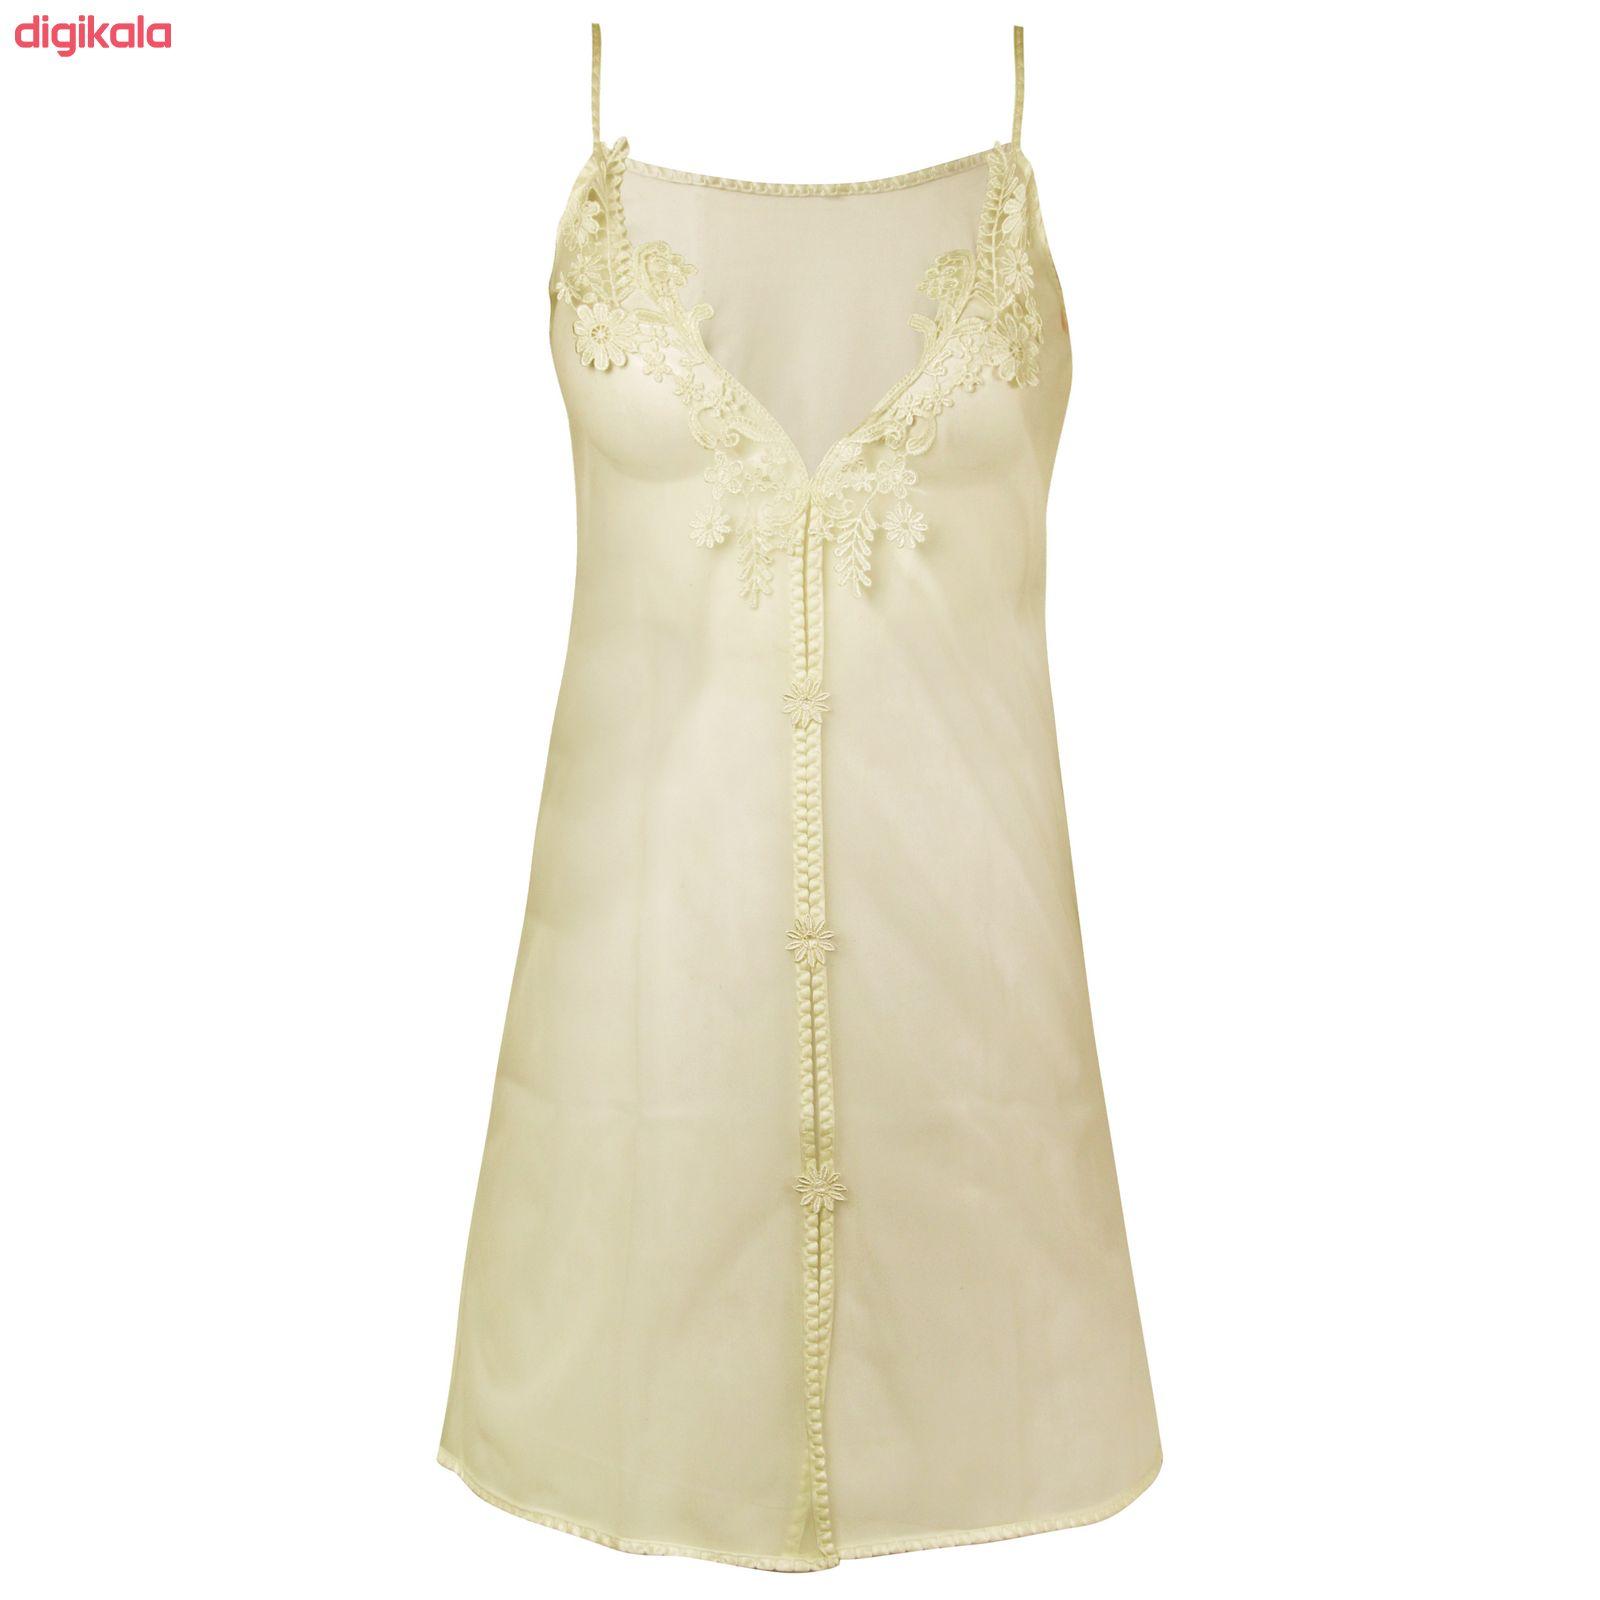 لباس خواب زنانه ماییلدا مدل 3600-1 main 1 1